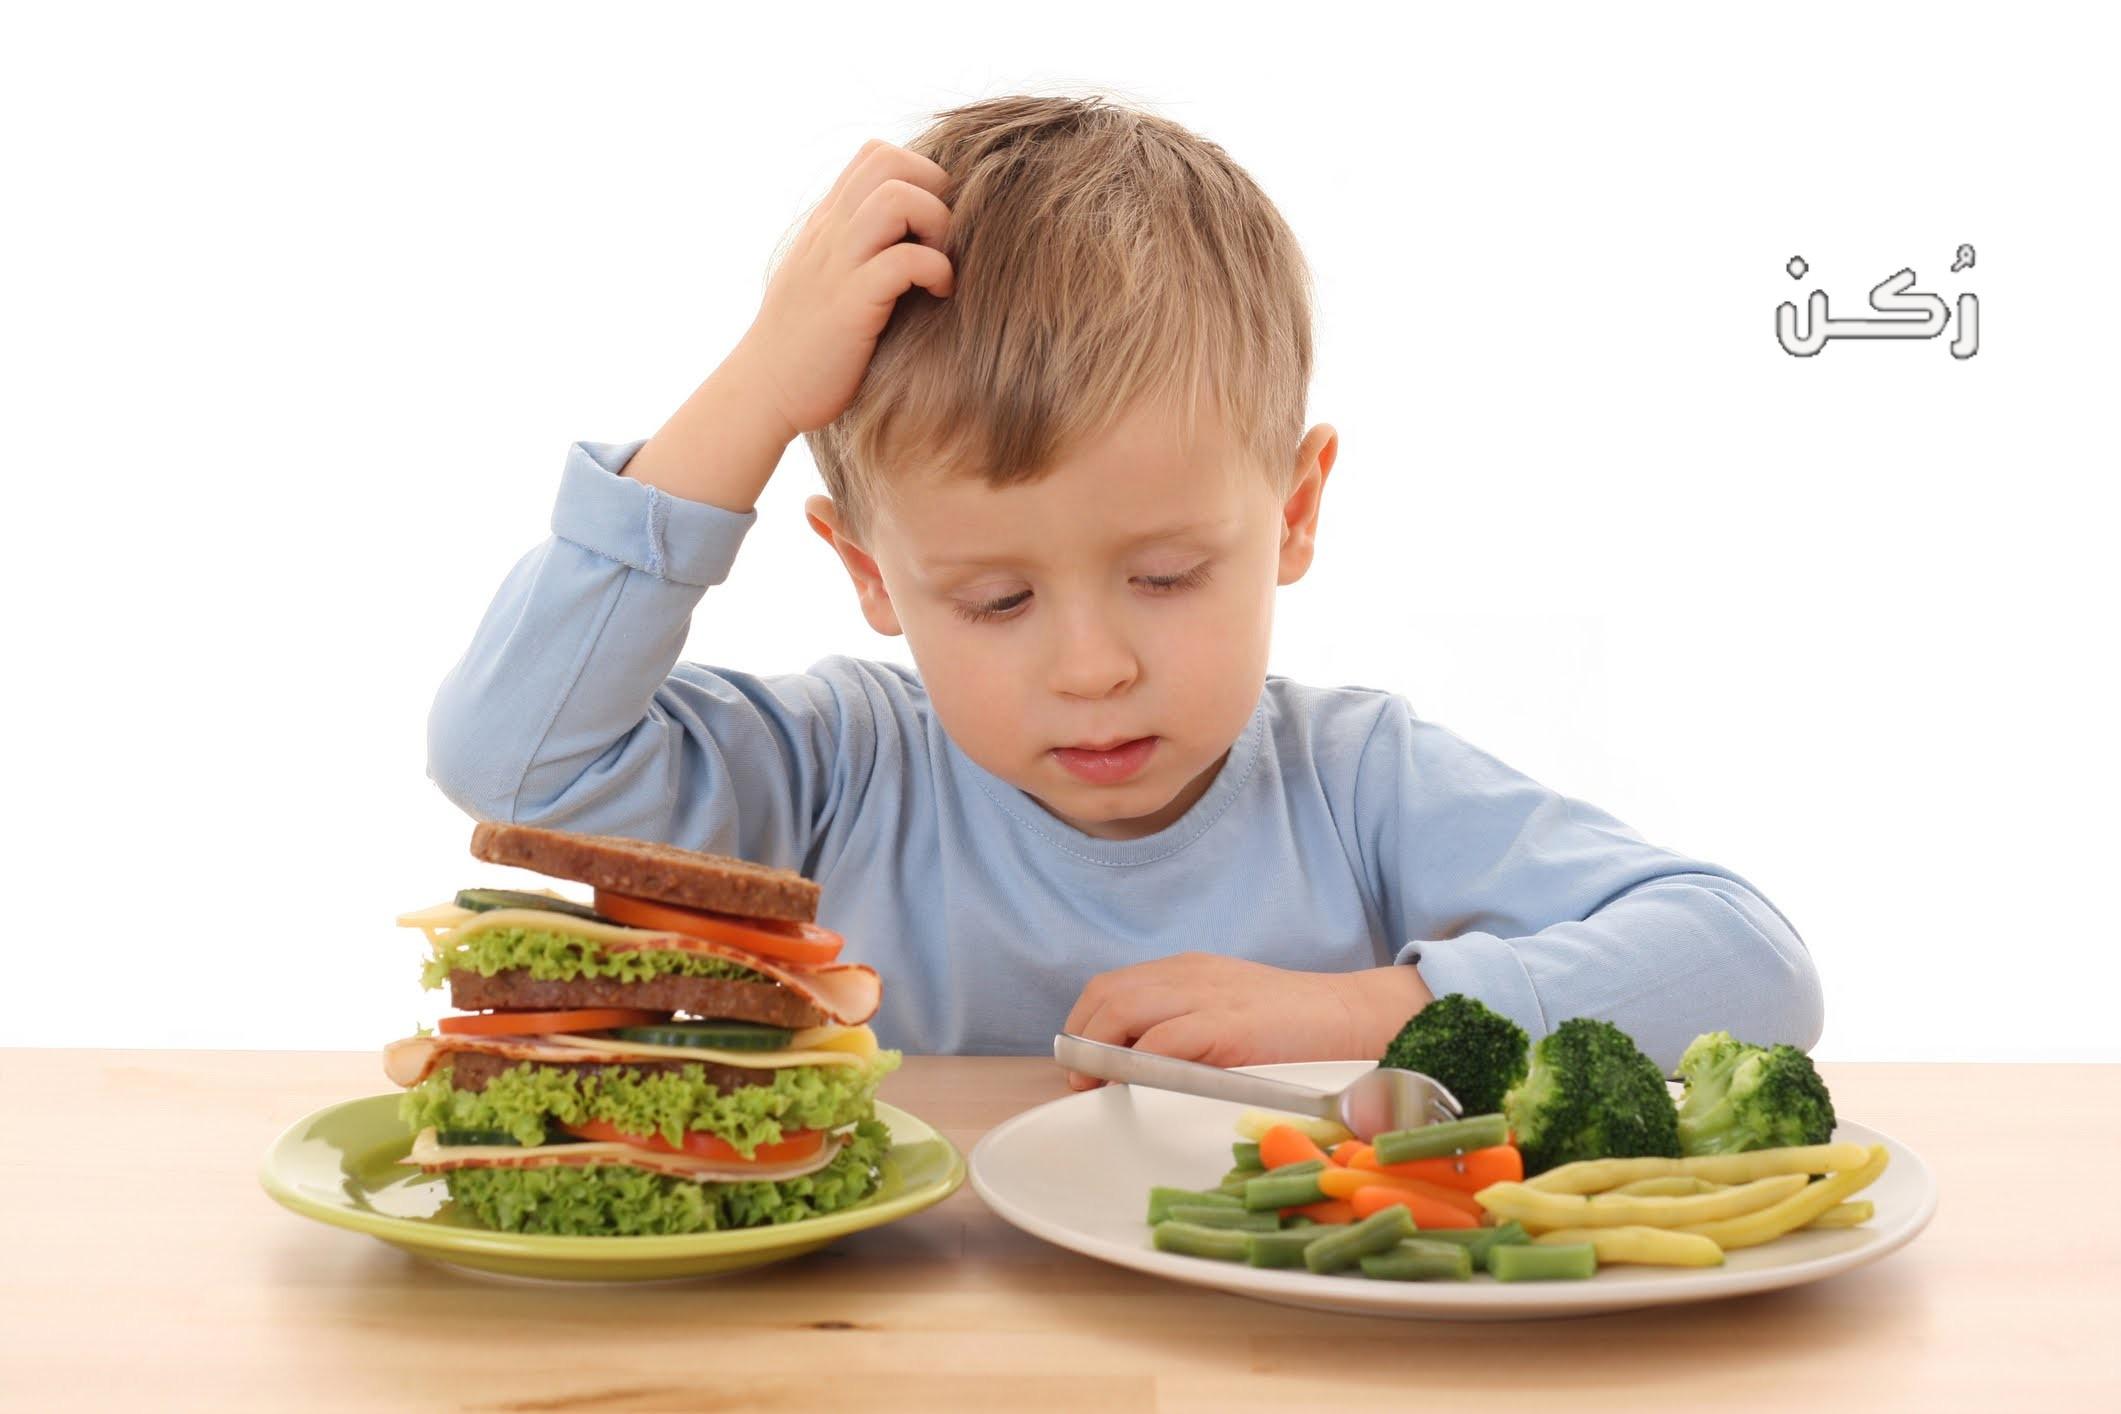 اضطرابات الطعام عند الأطفال وأنواعها واسباب الامتناع عن الأكل